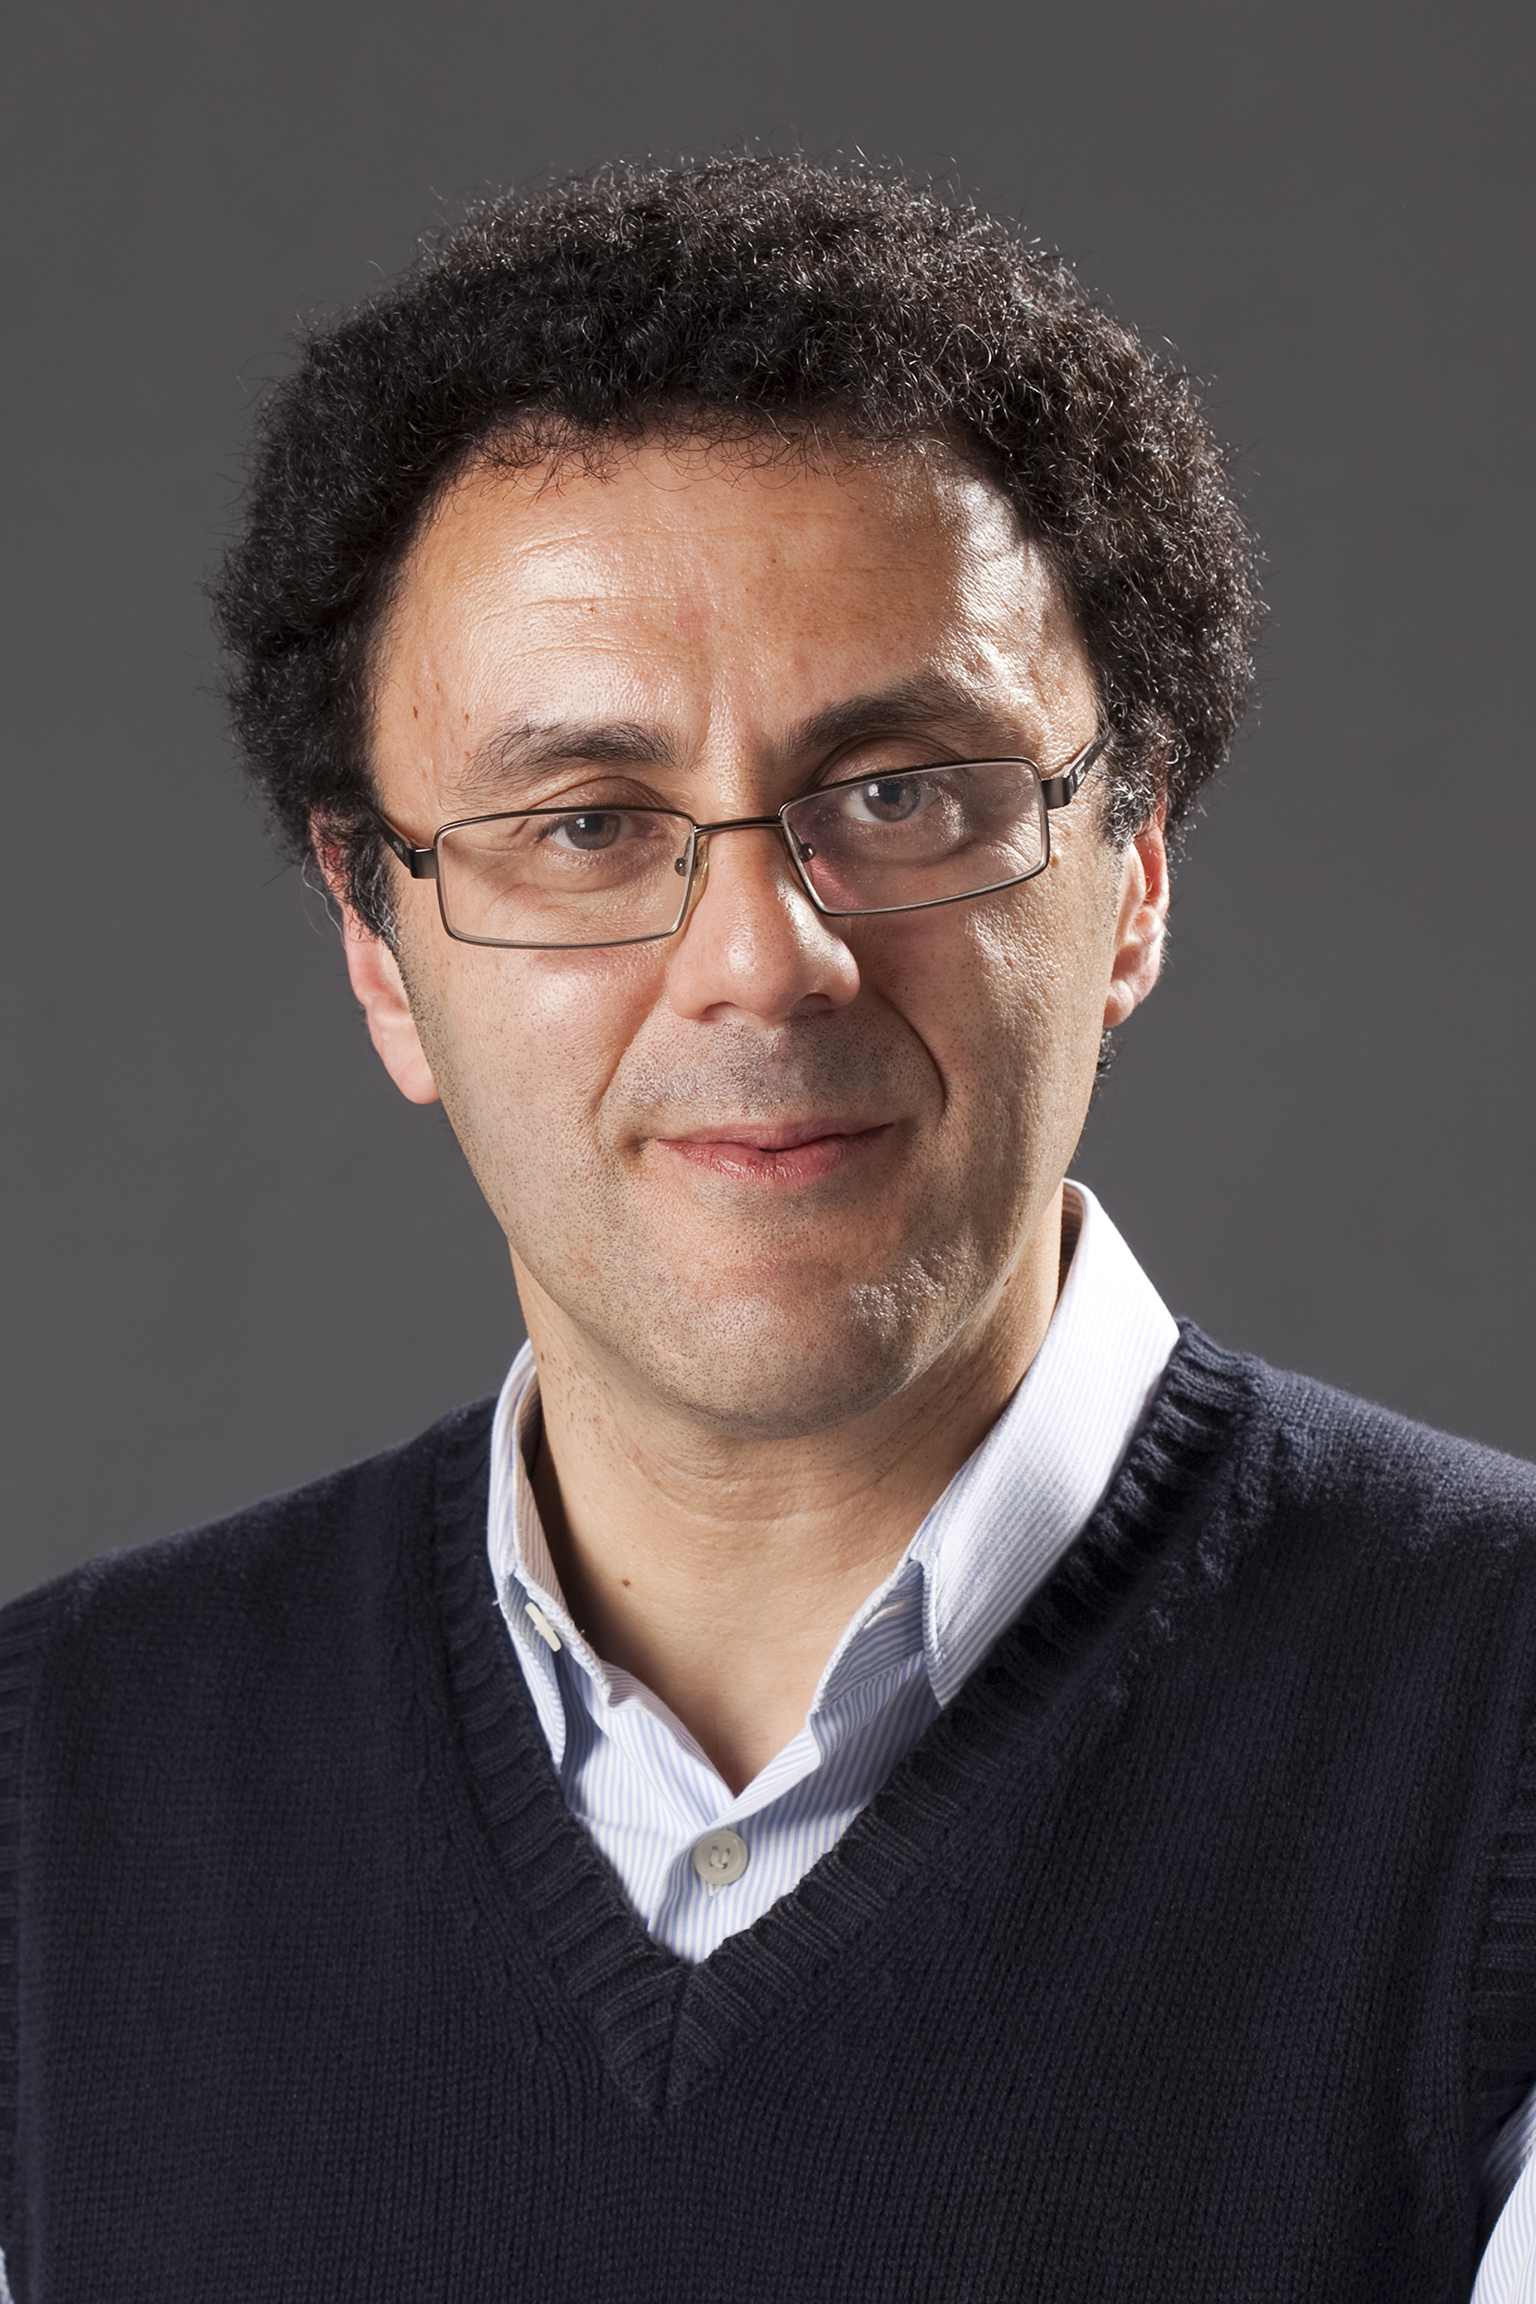 Rui Miguel Sardinha Proença